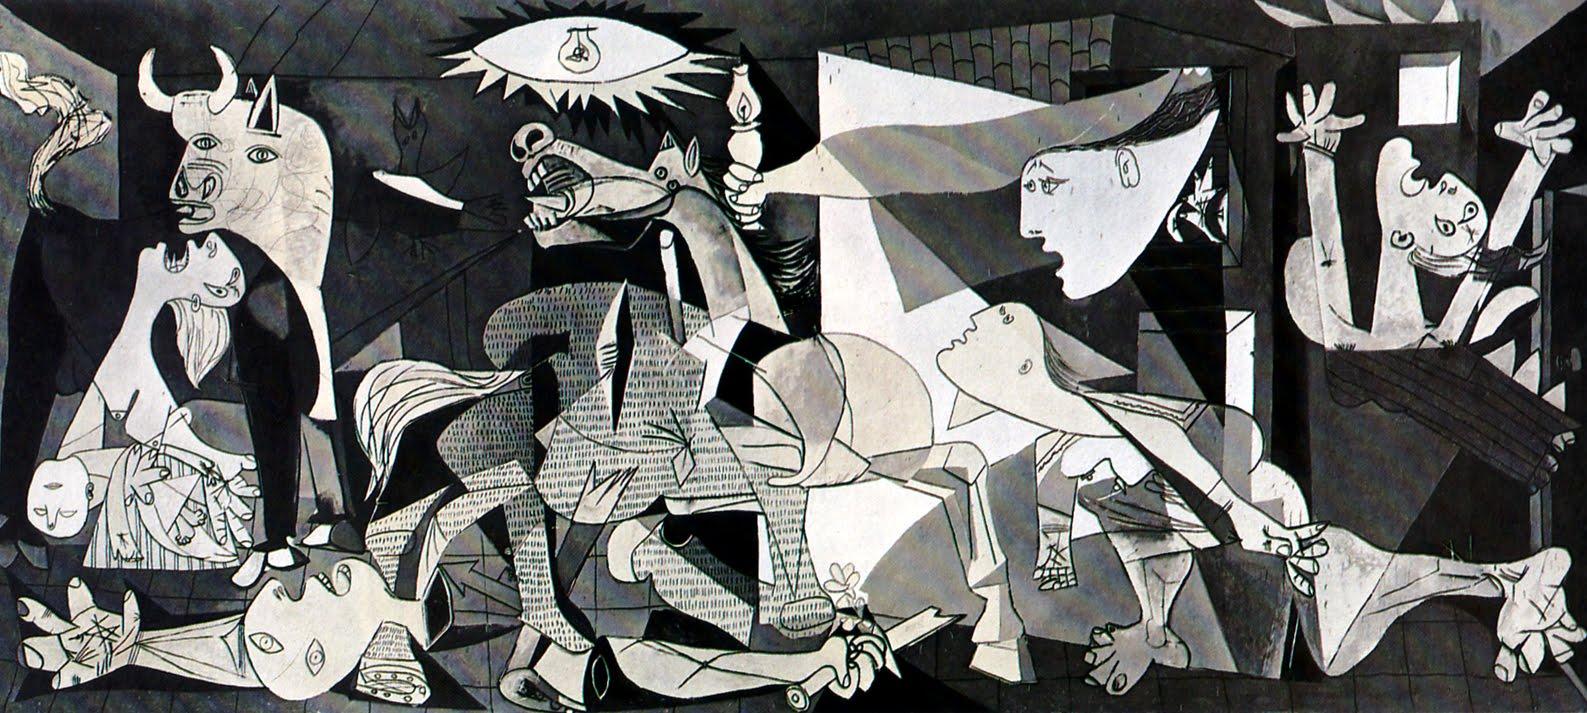 A-Picasso-Pablo-Guernica-1937.jpg